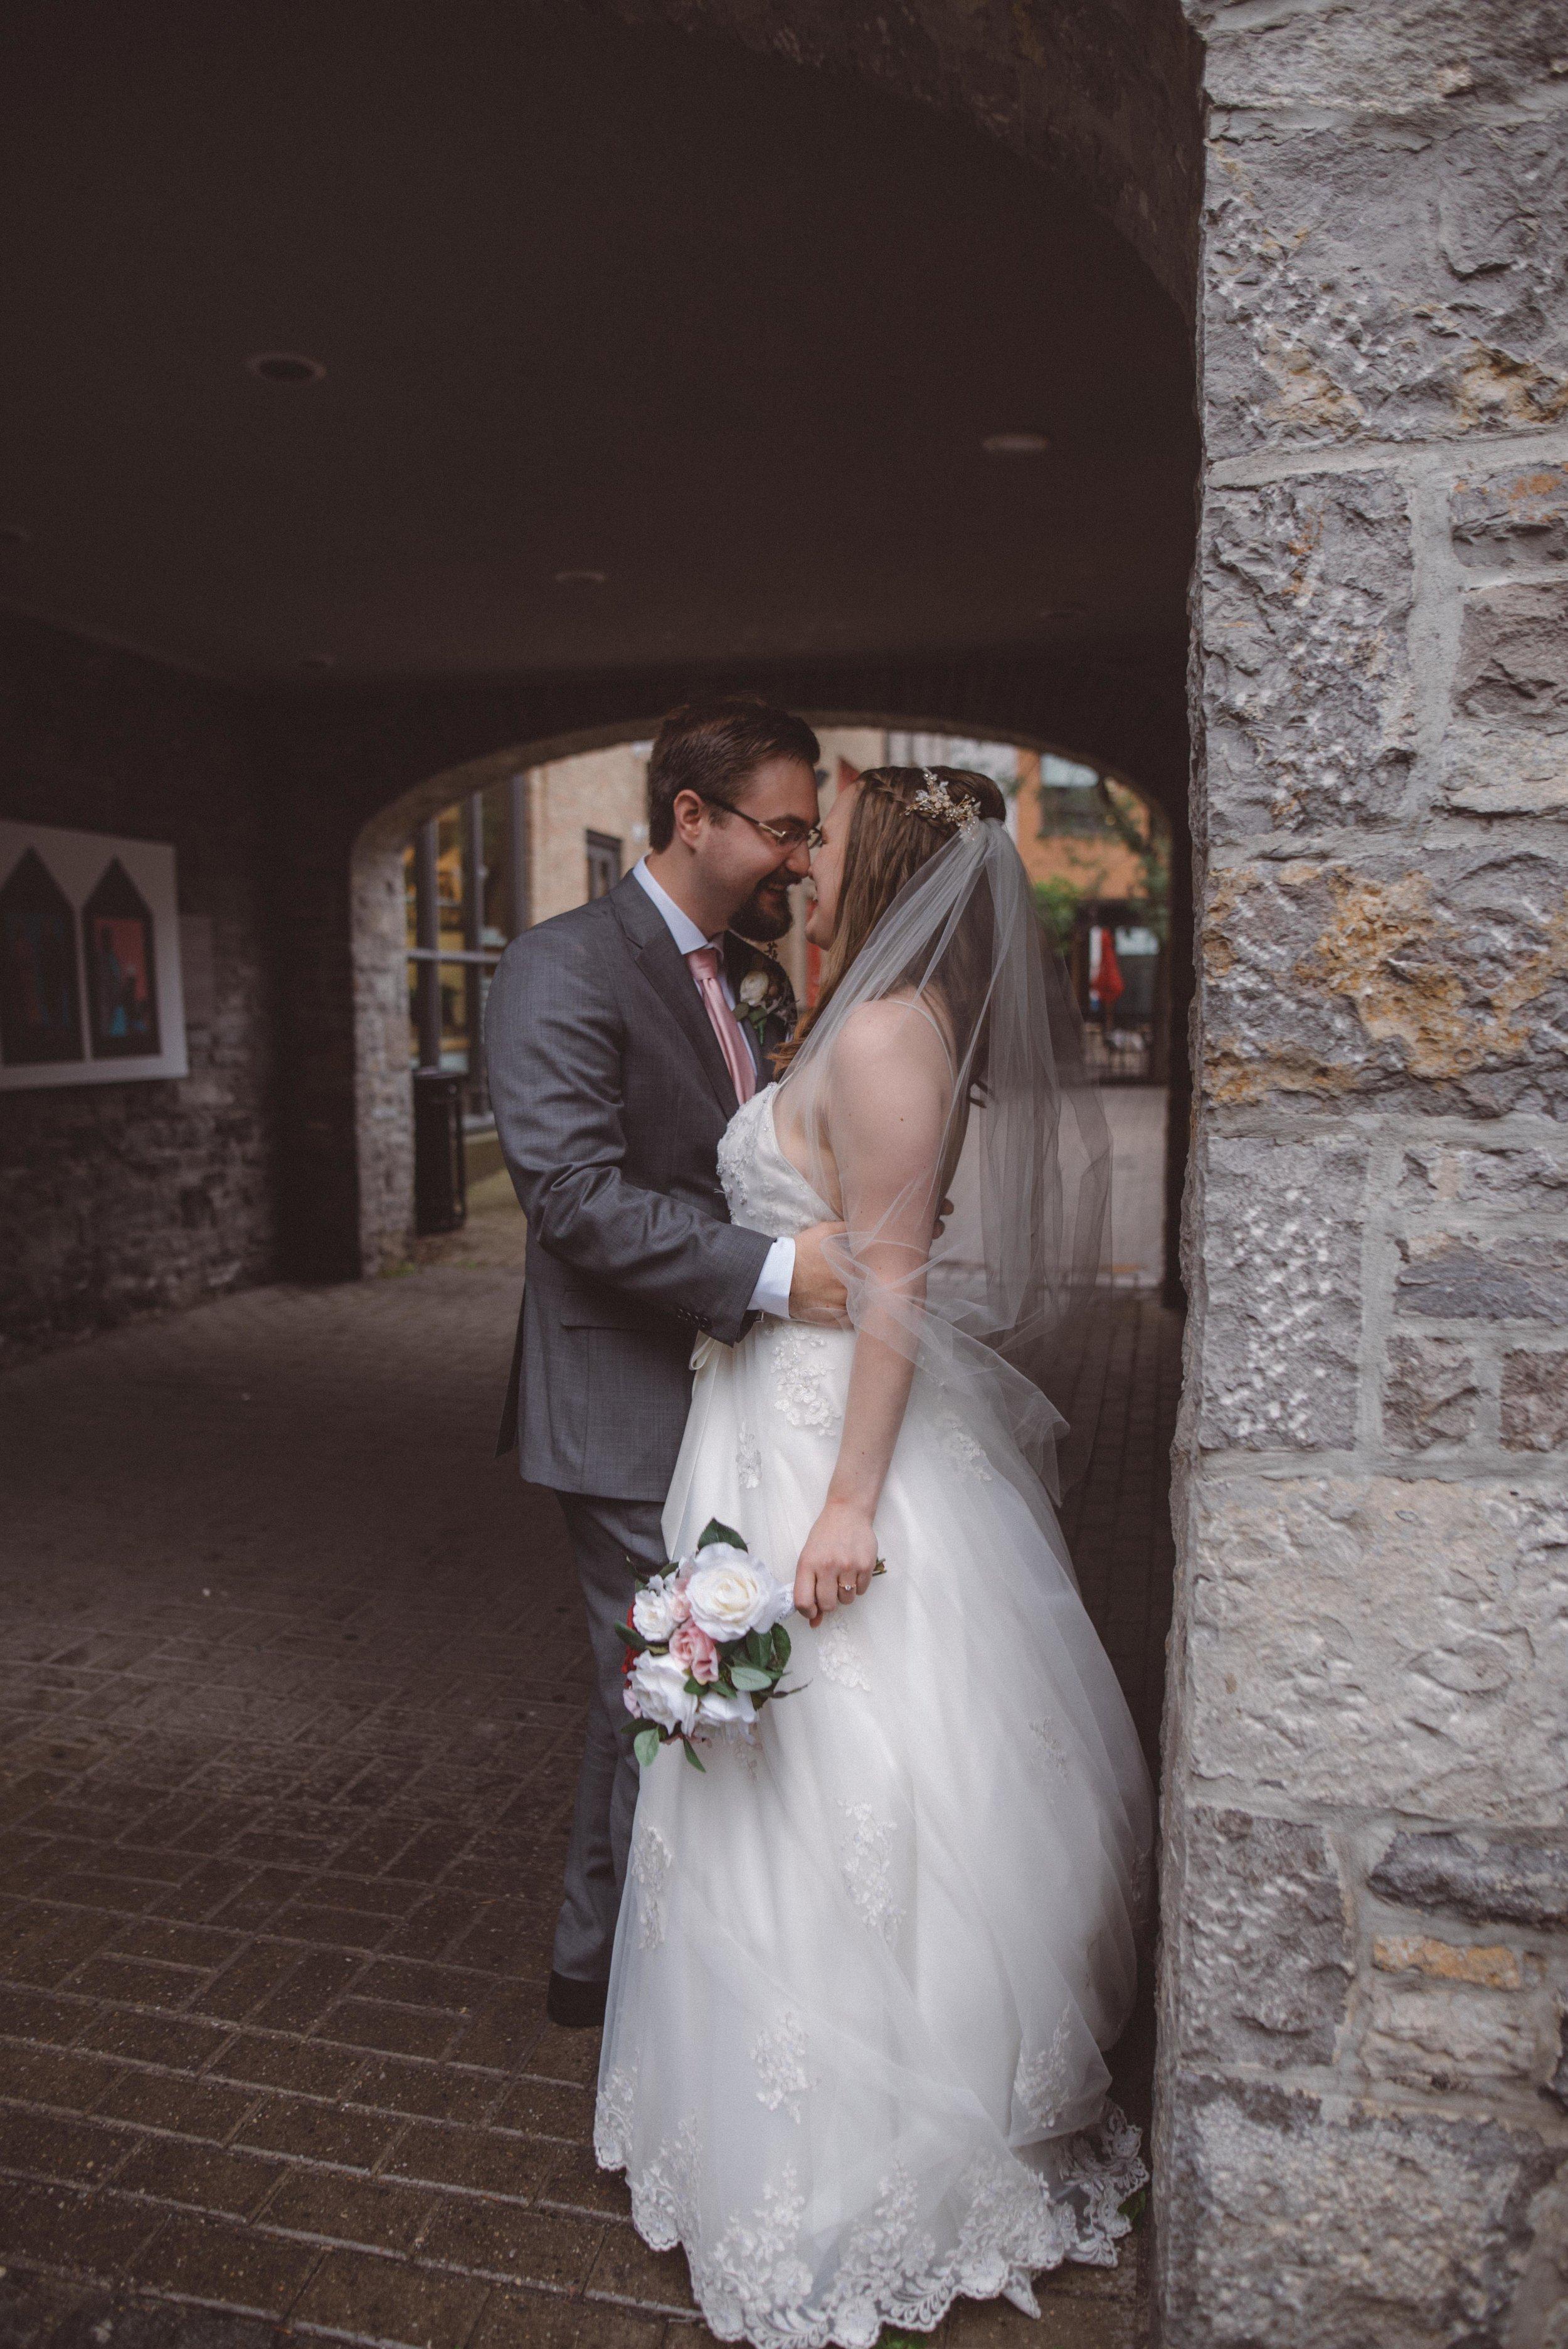 wedding_photographer_lifestyle_documentary_photographe_ottawa_gatineau-26.jpg